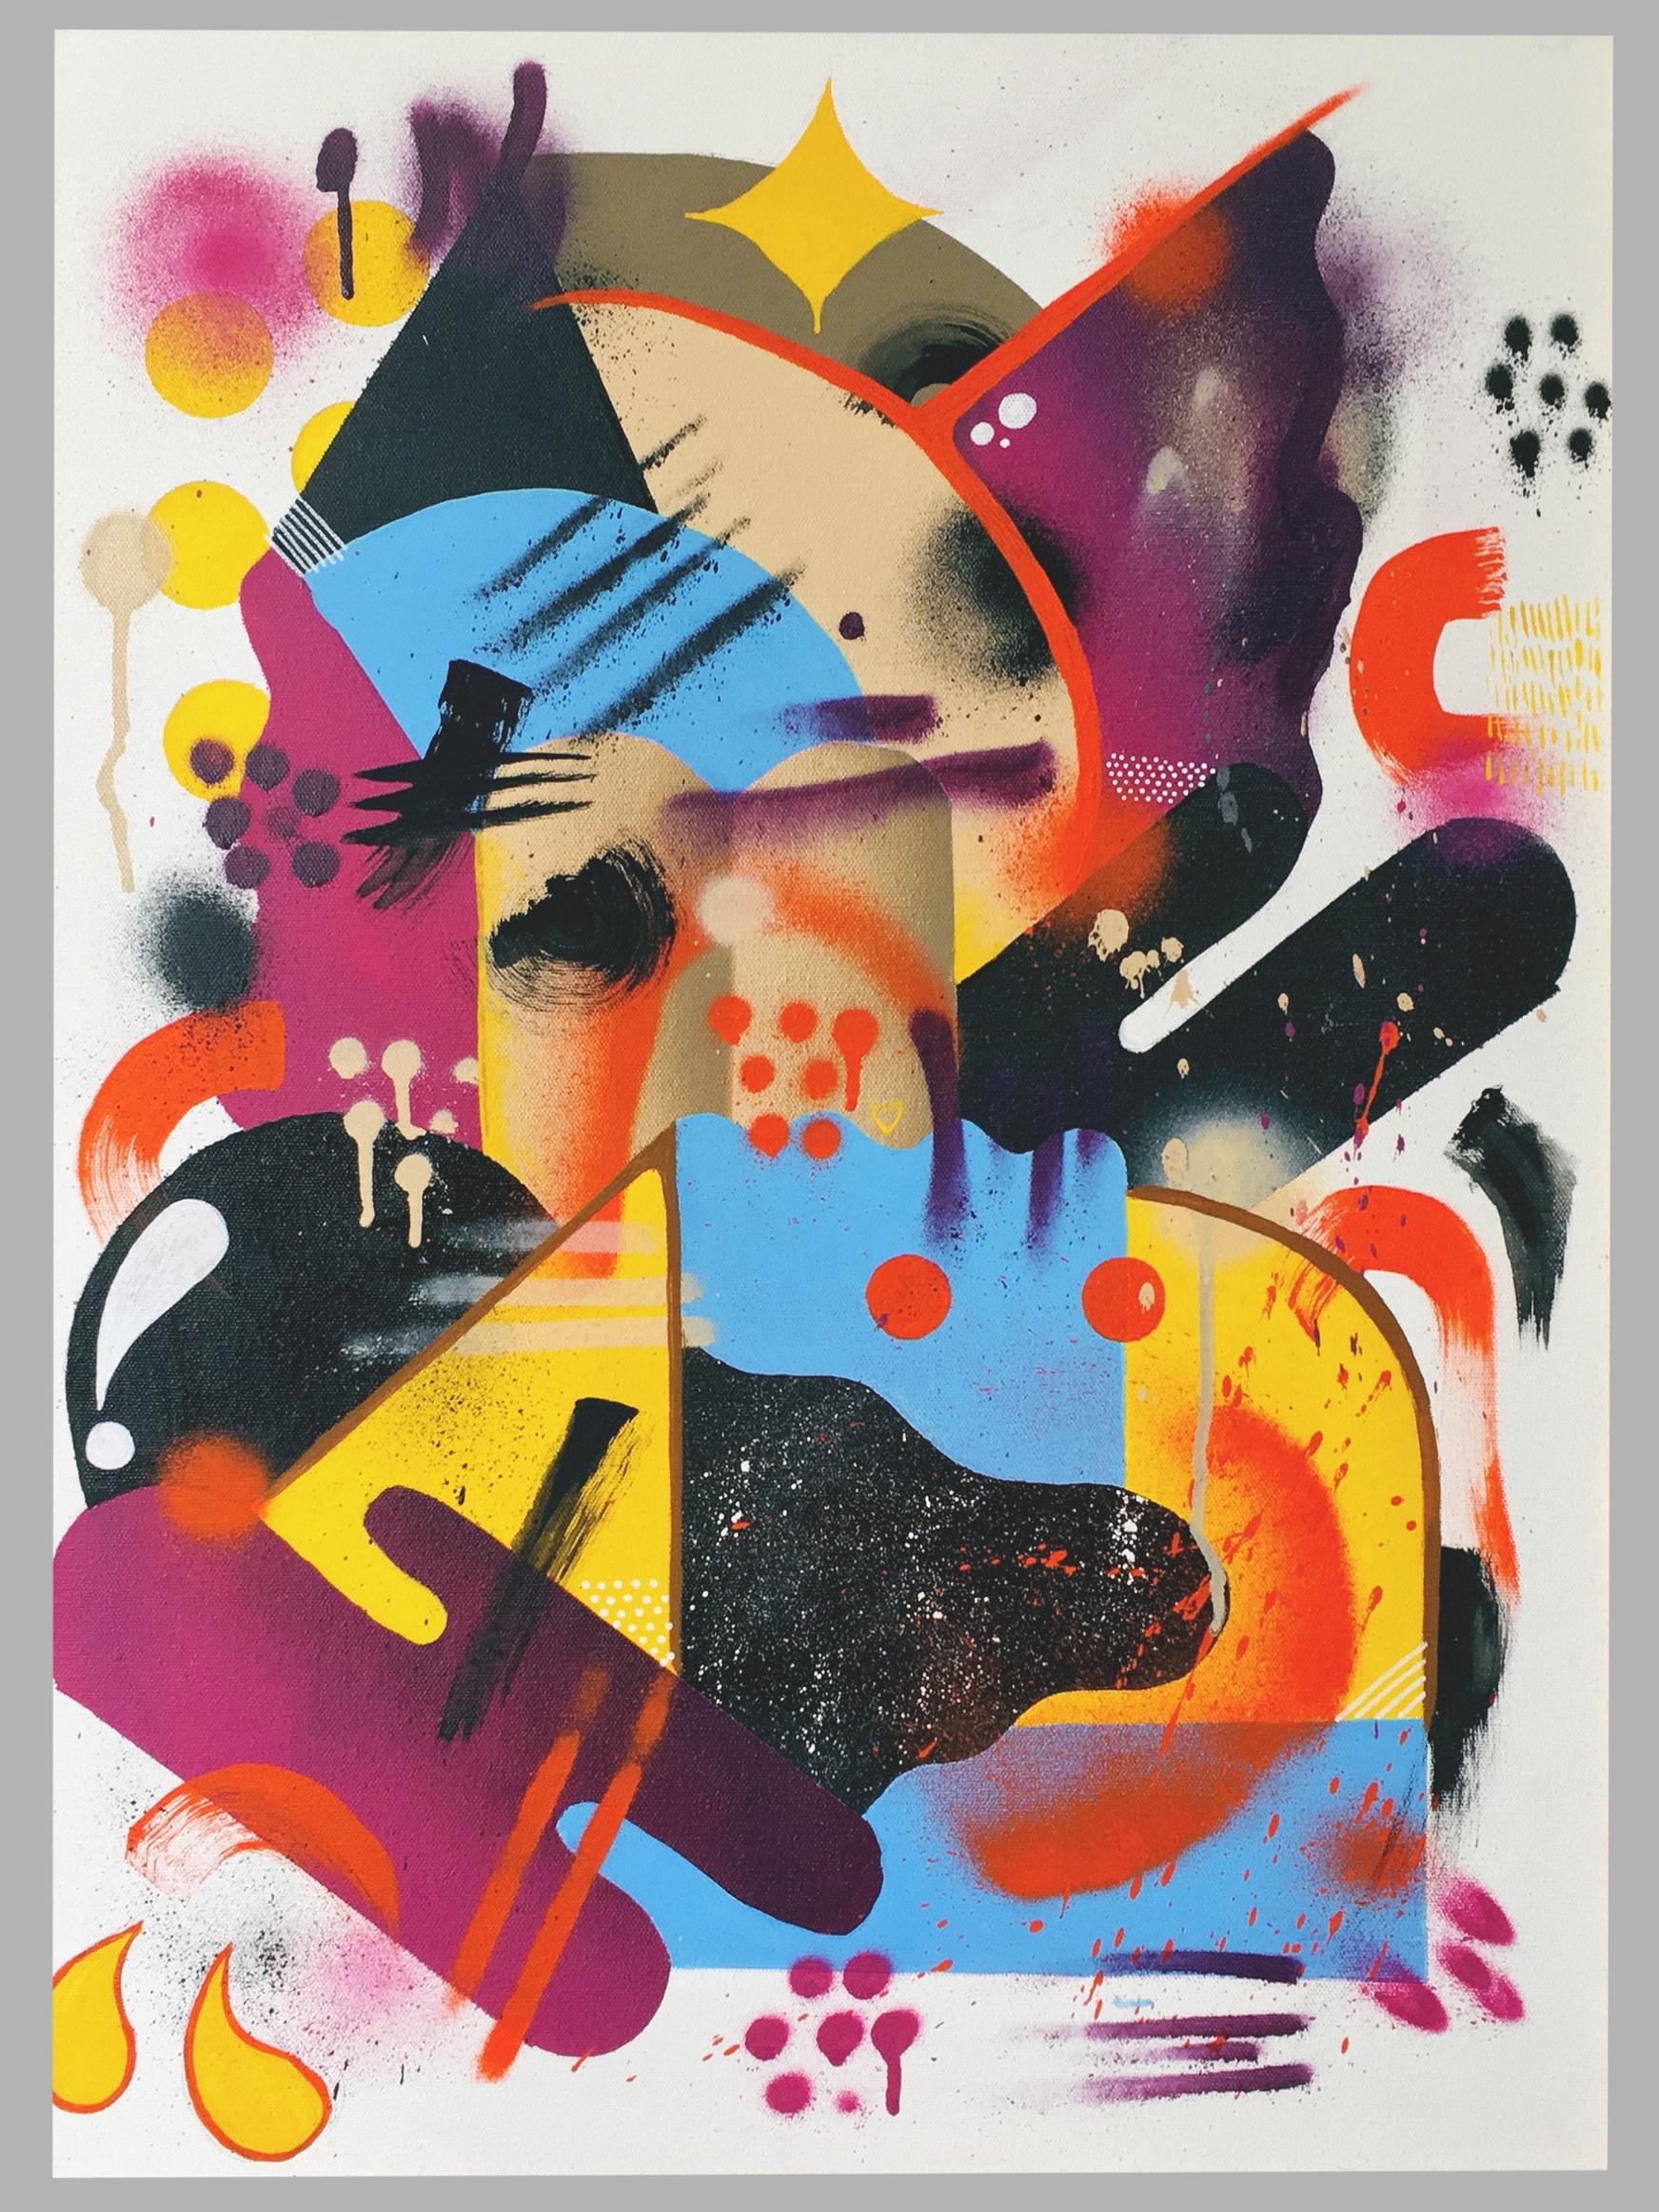 Sem Título, 2018  Tamanho: 60 x 80 cm  Técnica: Spray, tinta acrílica, marcador, bastão de tinta óleo sobre canvas.  R$ 450,00